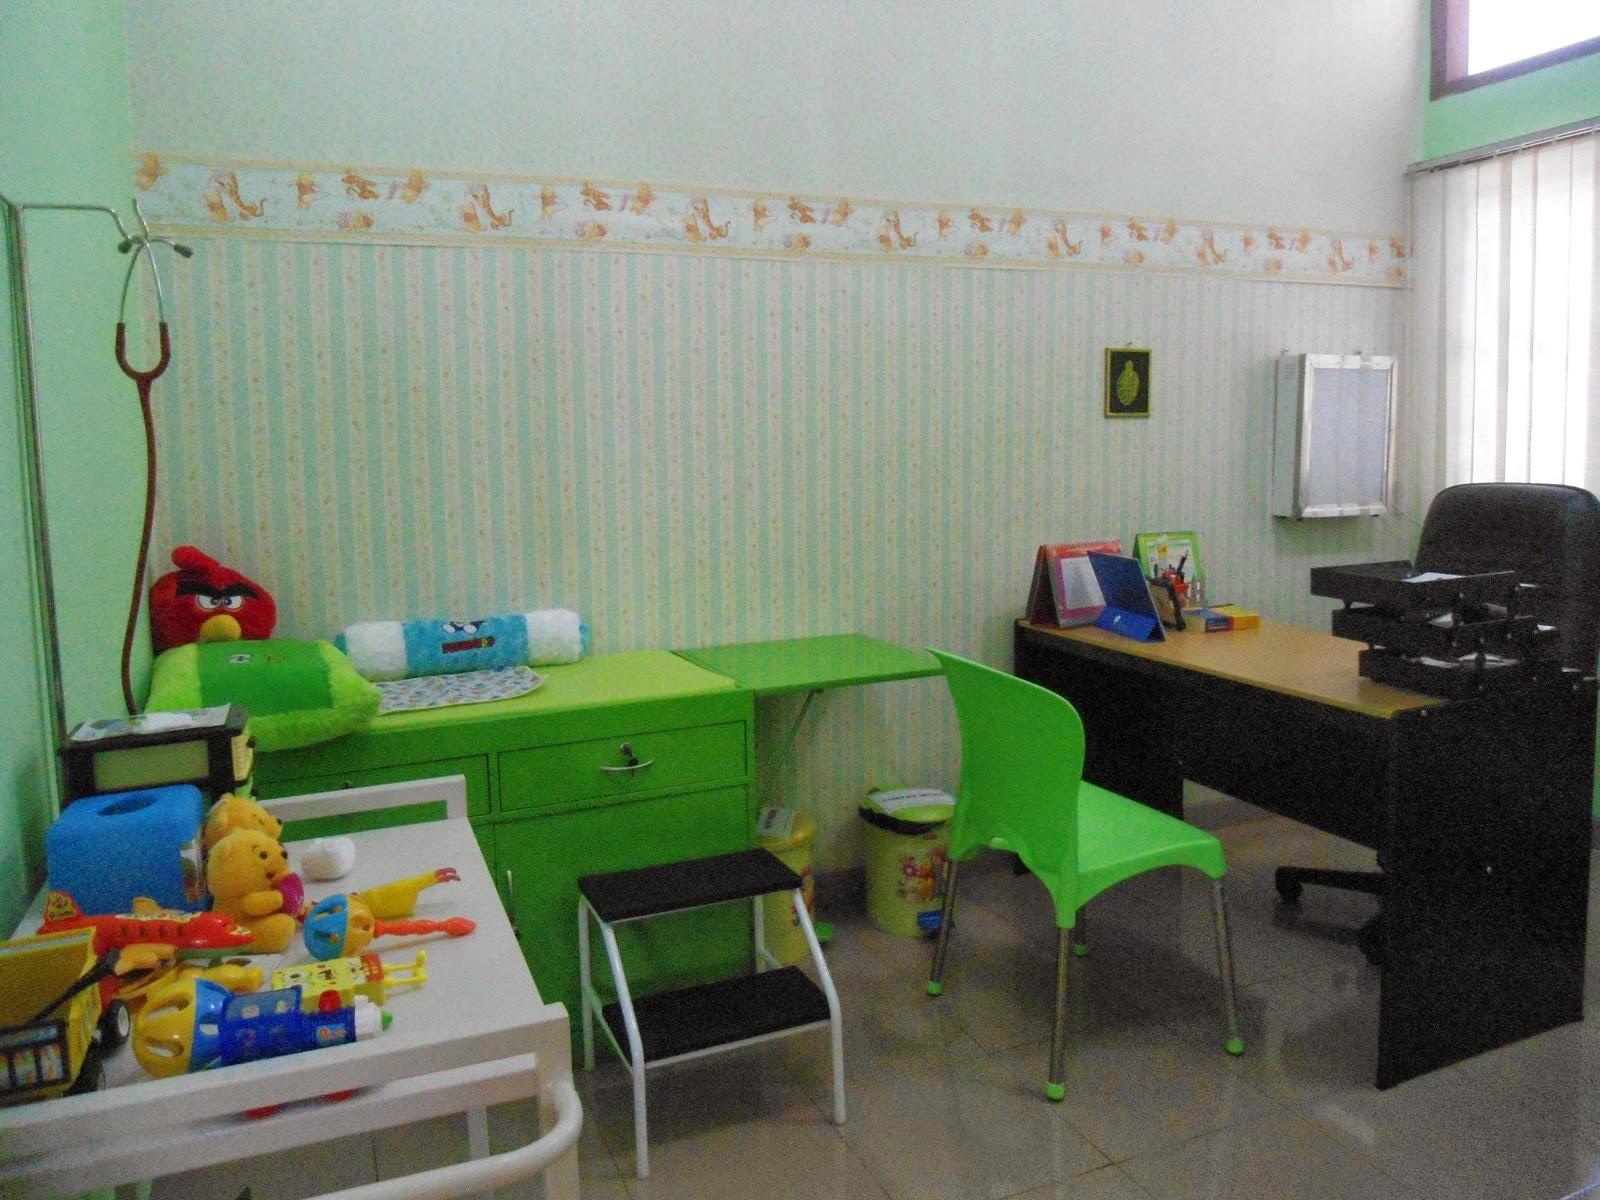 Klinik Spesialis Anak yang Nyaman dan Menyenangkan ...